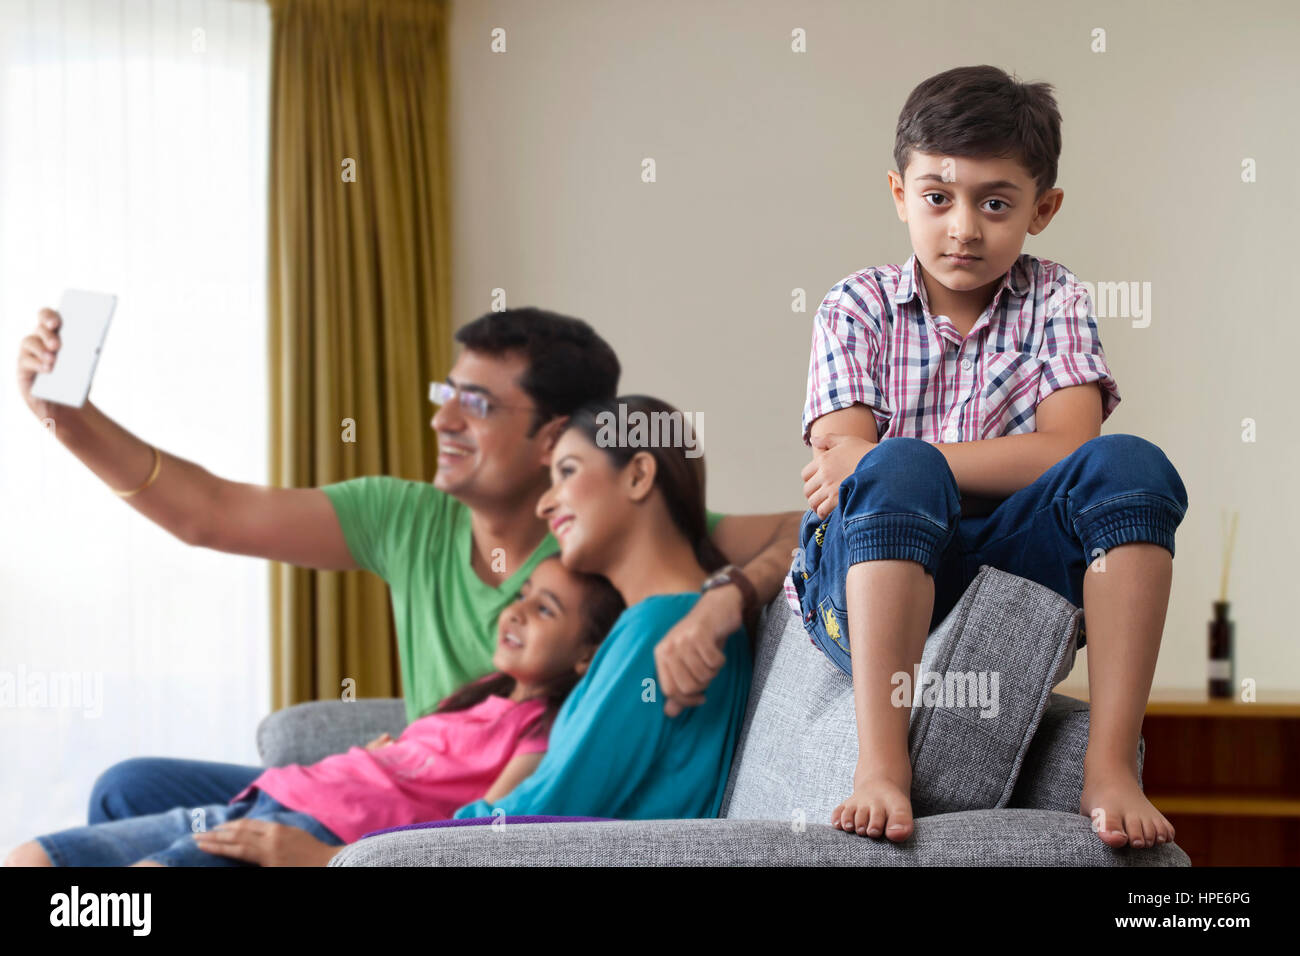 Konflikte mit Familie, Porträt von Ernst junge mit seinen Eltern und Schwester mit digital-Tablette im Hintergrund Stockfoto